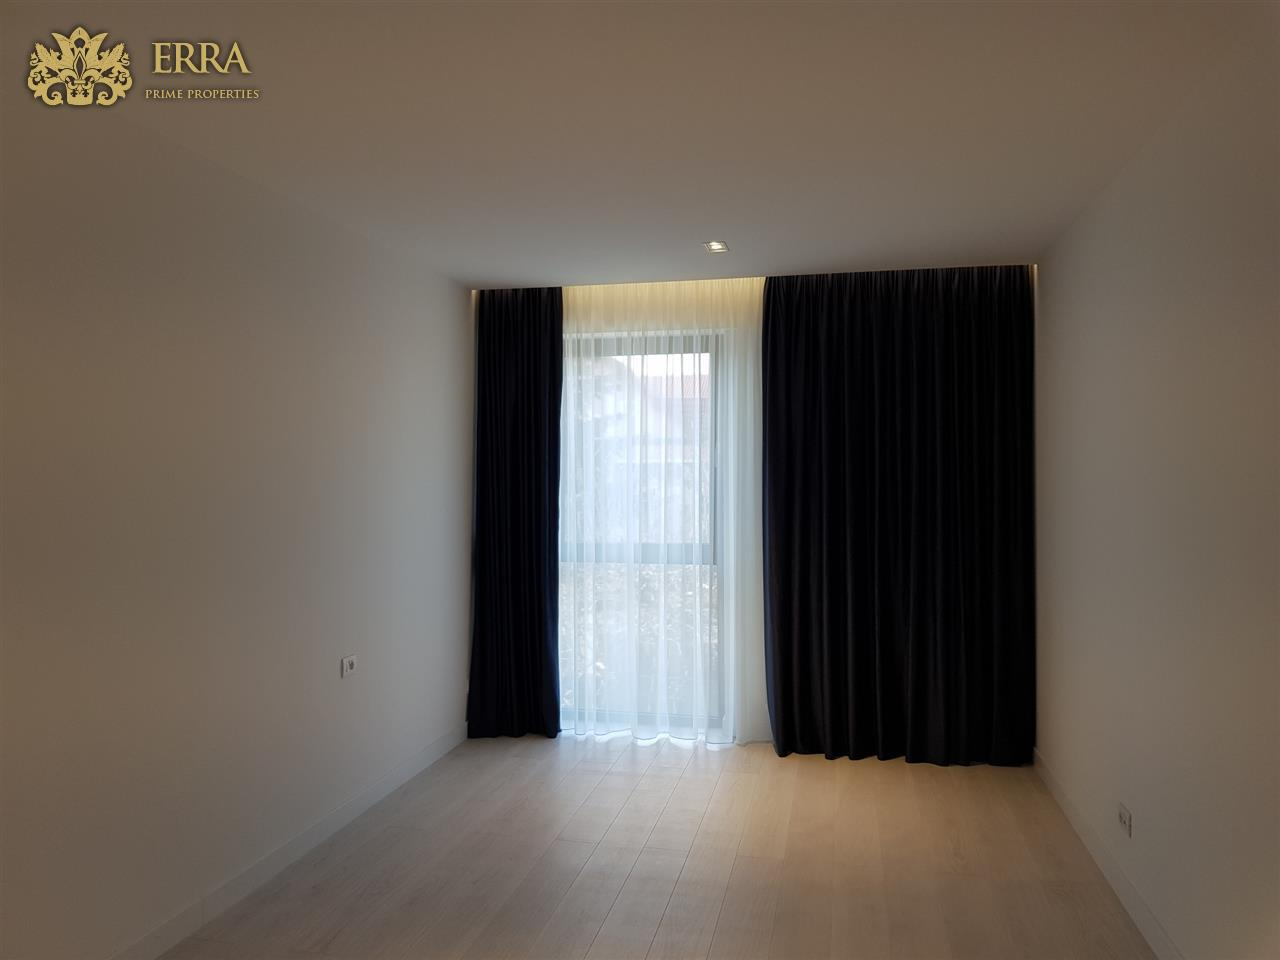 Apartamente noi 3 sau 4 camere. Iancu Nicolae